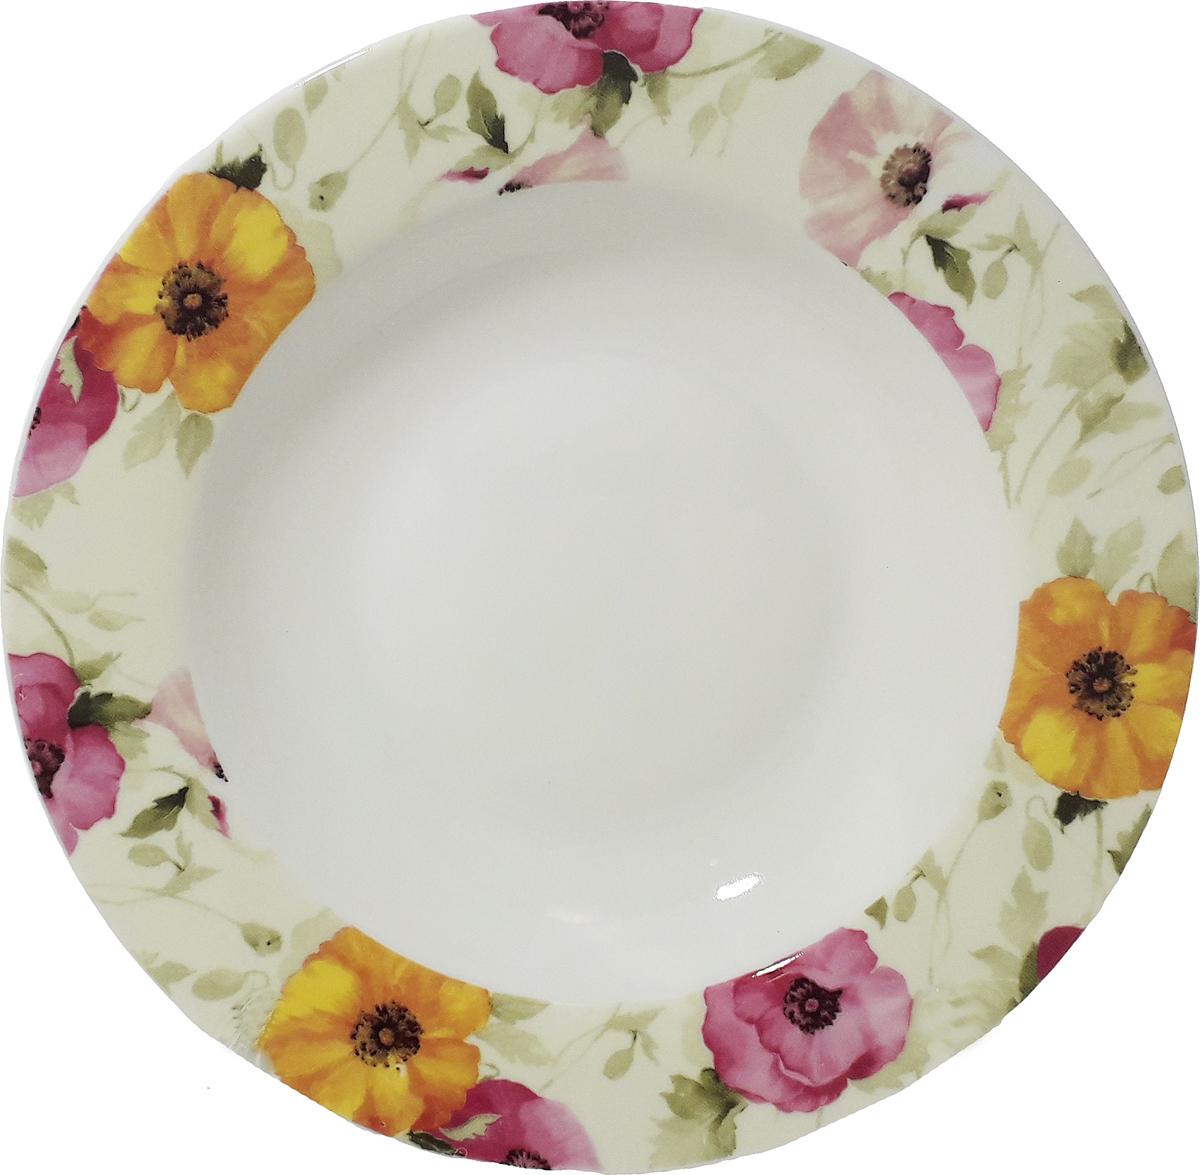 Тарелка суповая МФК-профит Дели, 18 смMFK06475*Оригинальная тарелка из тонкой стеклокерамики выгодно подчеркнет интерьер вашей кухни. Изящный дизайн придется повкусу и ценителям классики, и тем, кто предпочитает утонченность.Тарелка Chinbull идеально подойдет для сервировкистола и станет отличным подарком к любому празднику. Не рекомендуется использовать в микроволновой печи.